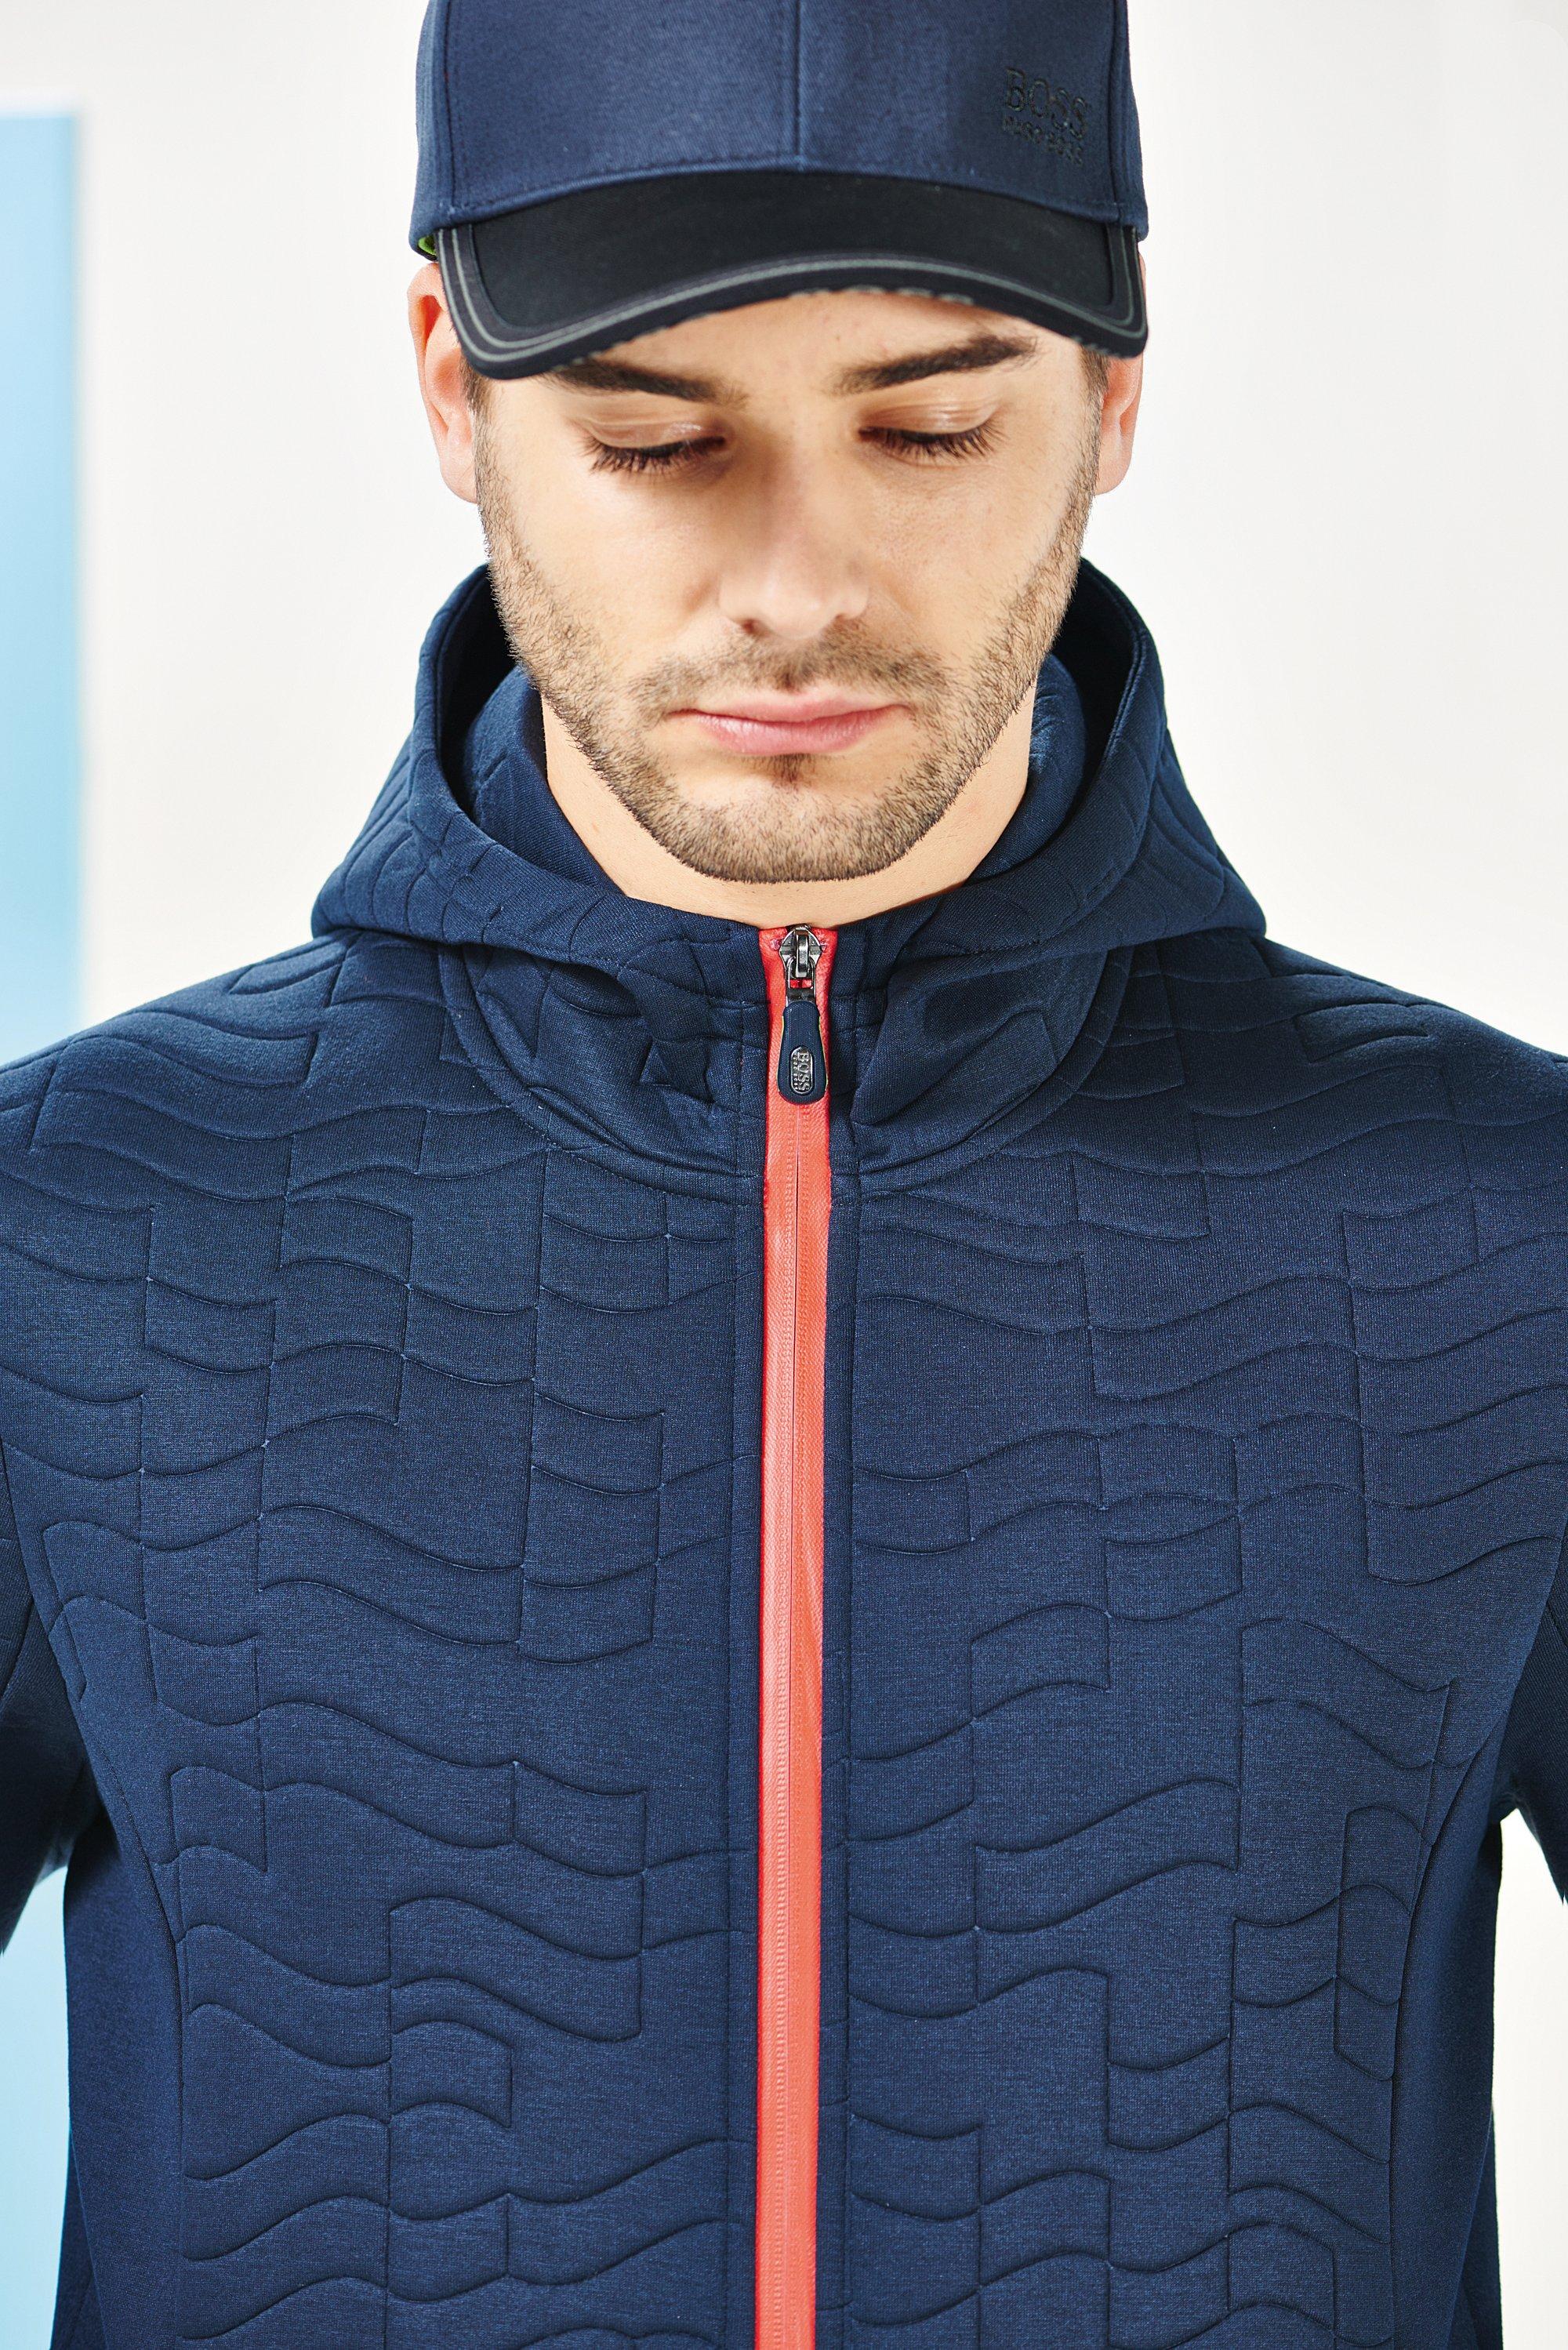 Marineblaue Jacke und Hut von BOSS Green Menswear